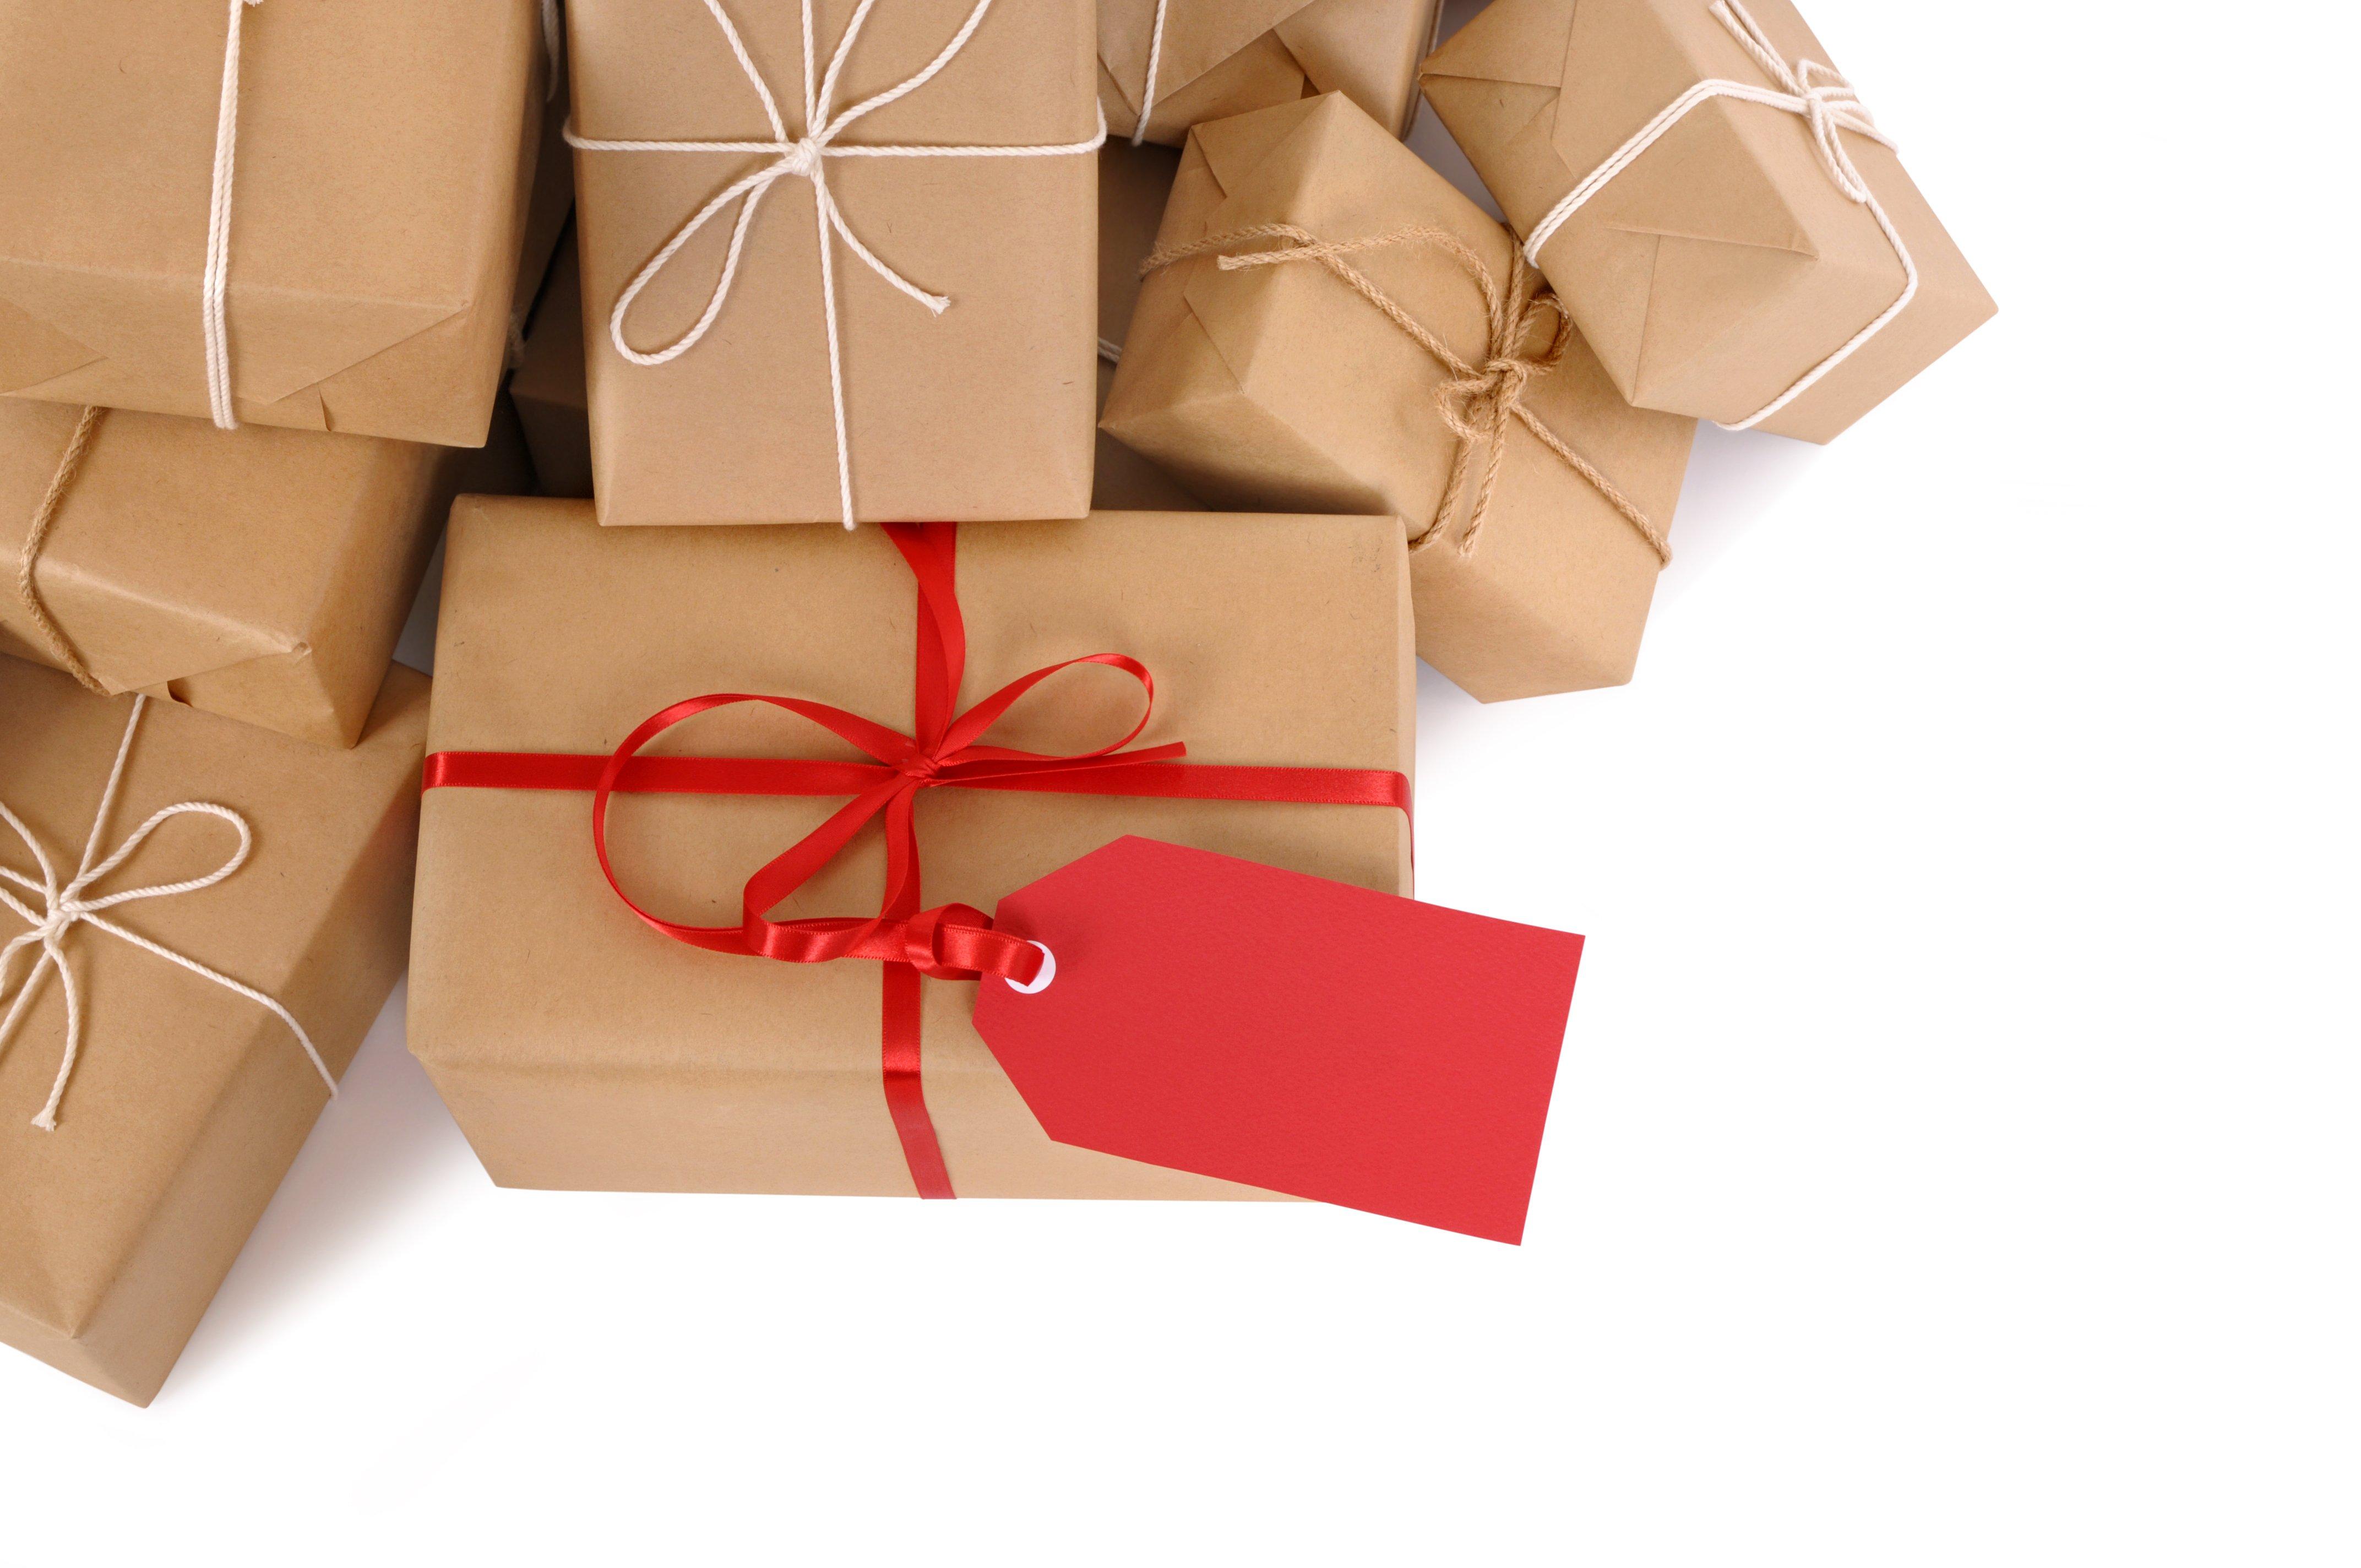 Natale: 10 regali per lui sotto i 20 euro